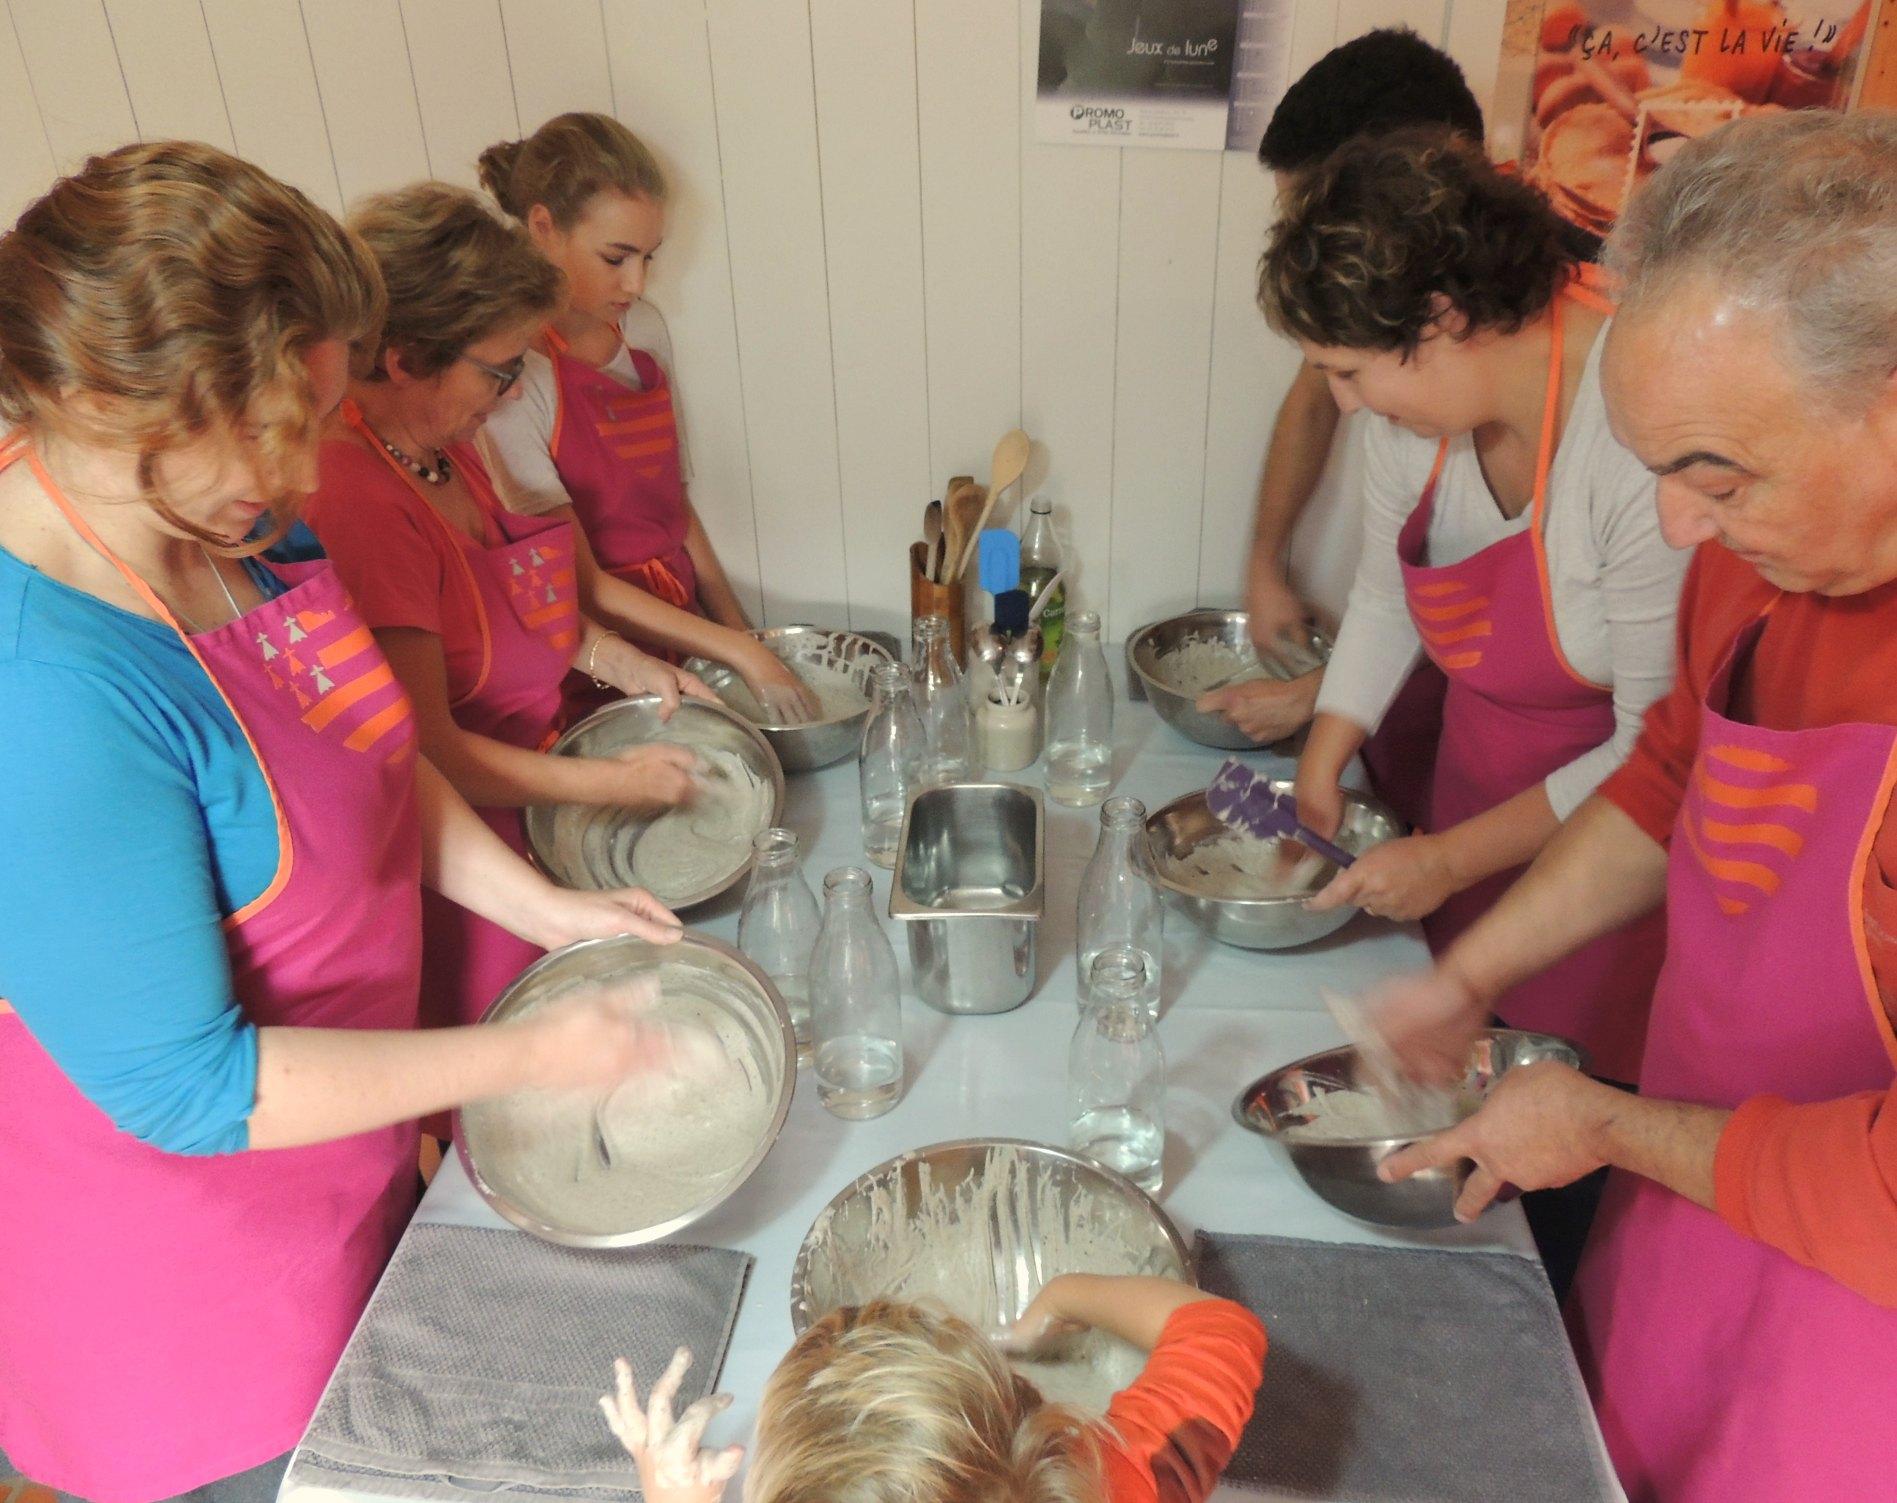 Atelier crêpes à la carte. 40ans de Mariage - 3 générations préparent la pâte à crêpes